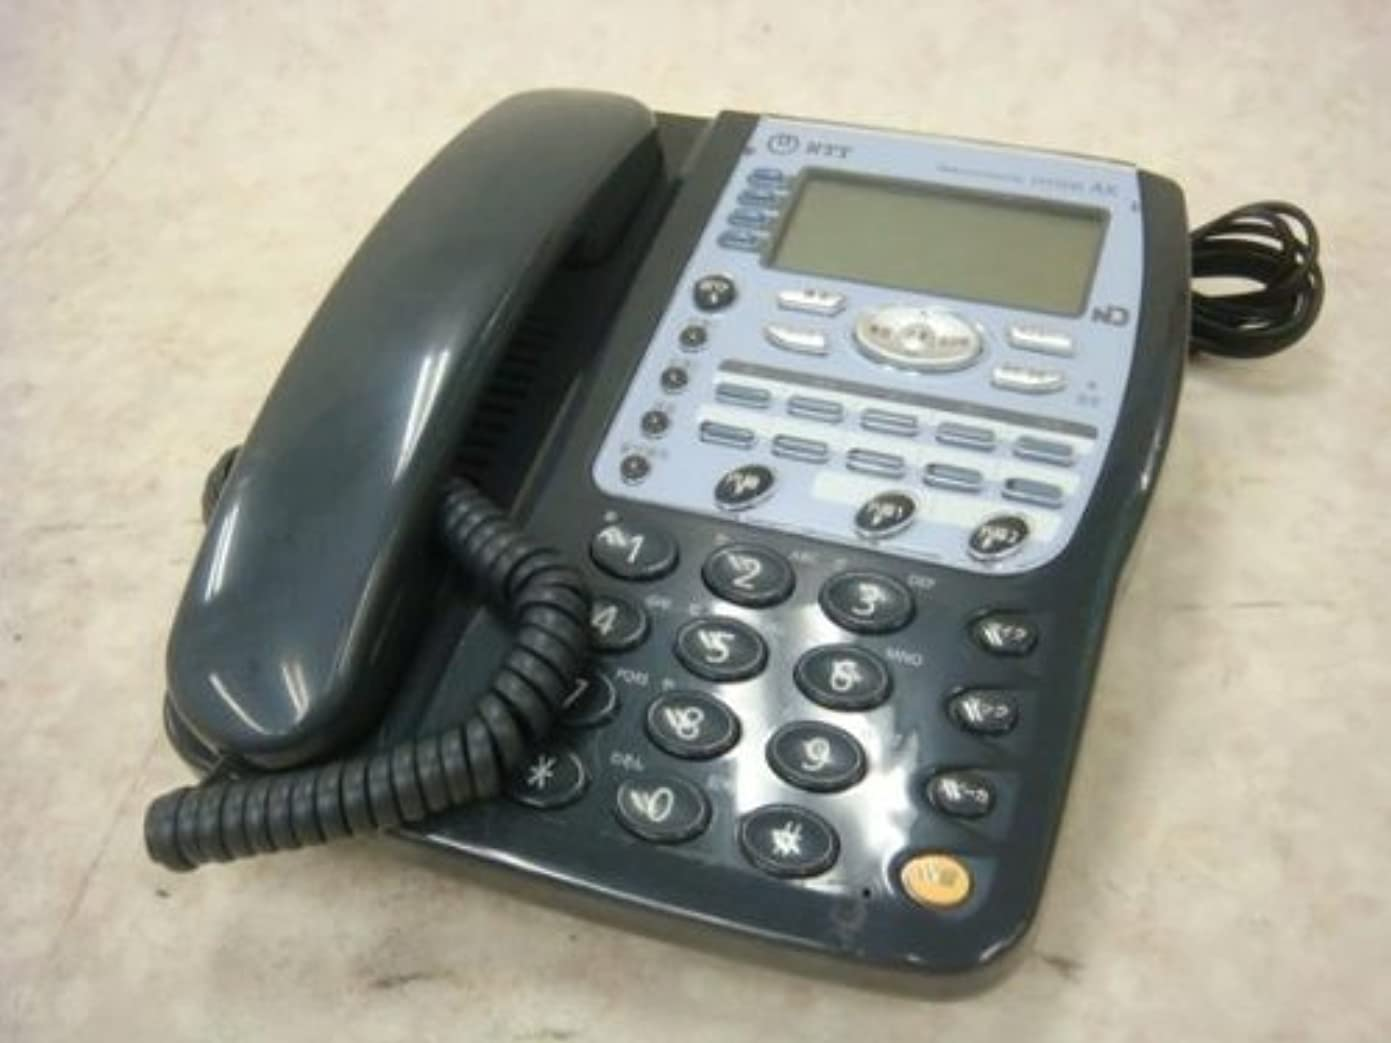 必須スカイバスAX-IRMBTEL(1)(K) NTT AX ISDN主装置内蔵電話機 [オフィス用品] ビジネスフォン [オフィス用品] [オフィス用品] [オフィス用品]